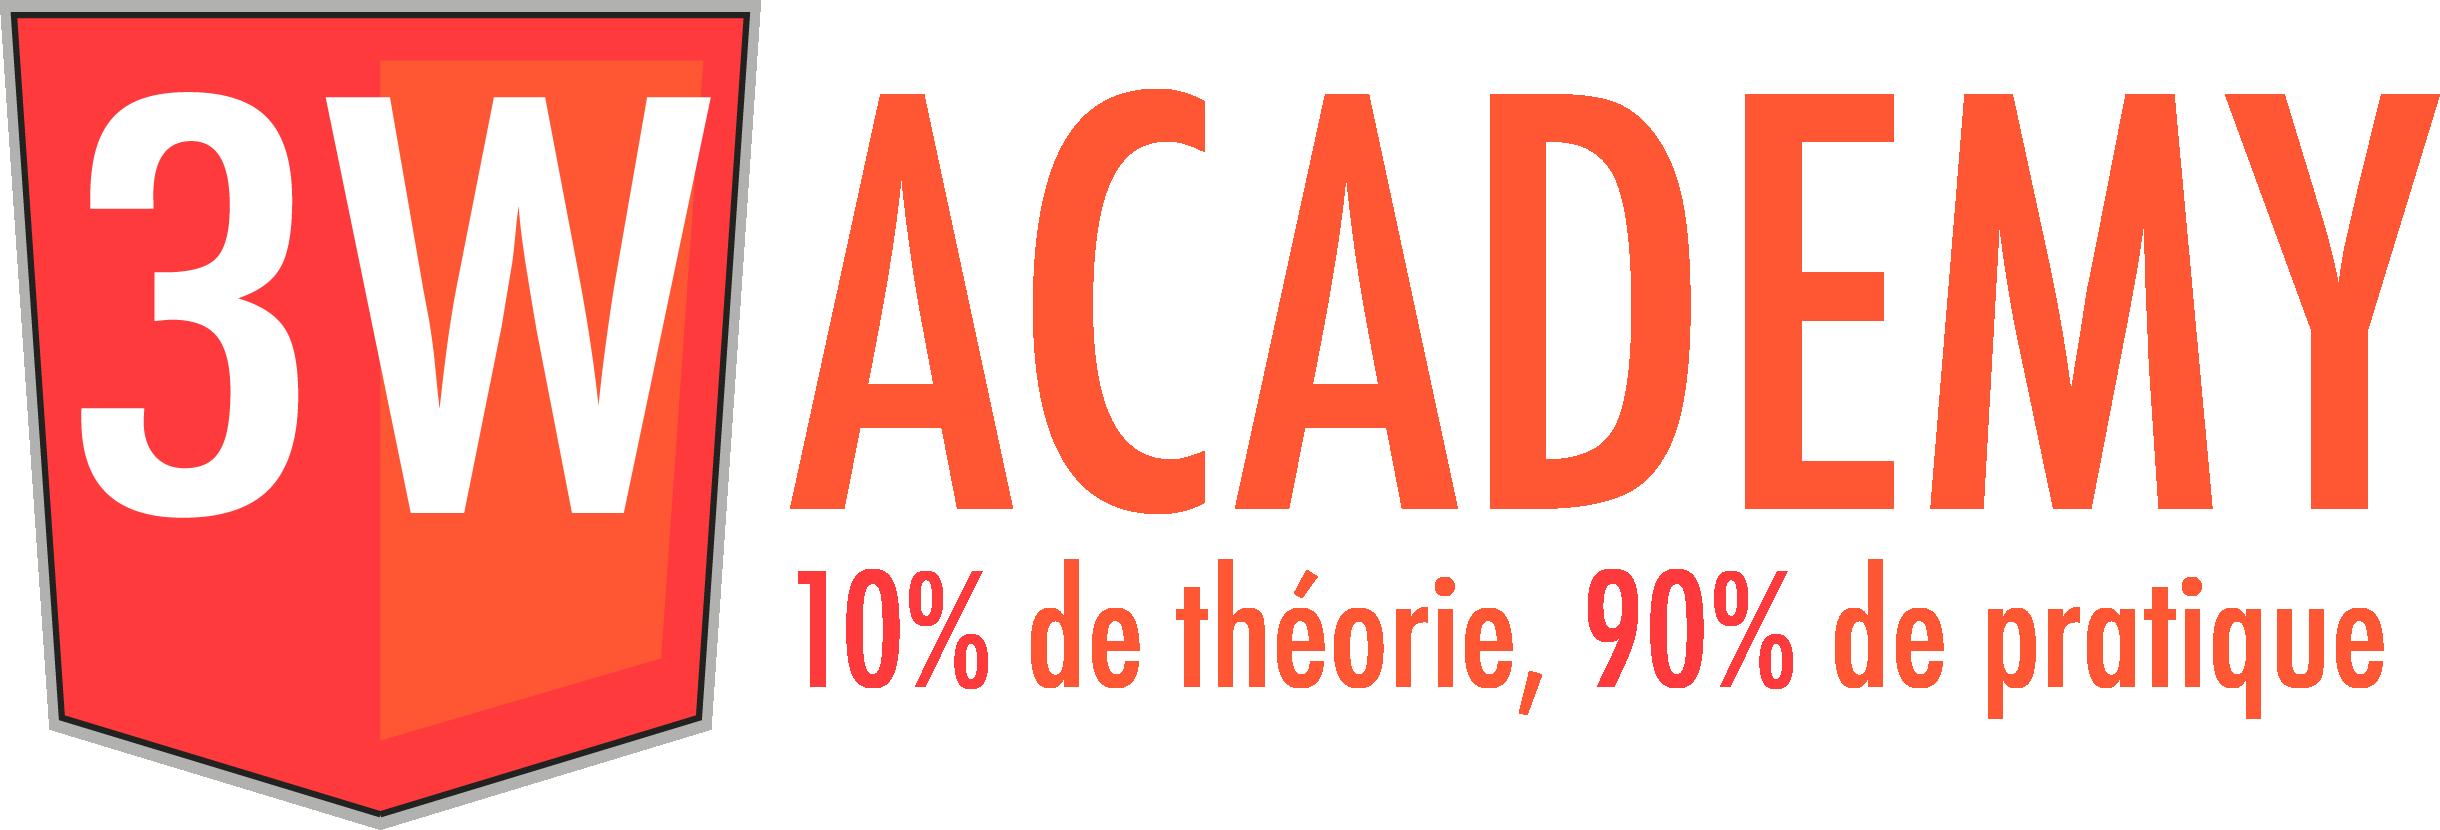 la 3 Academy m'a formé au métier d'intégrateur / developpeur WEB